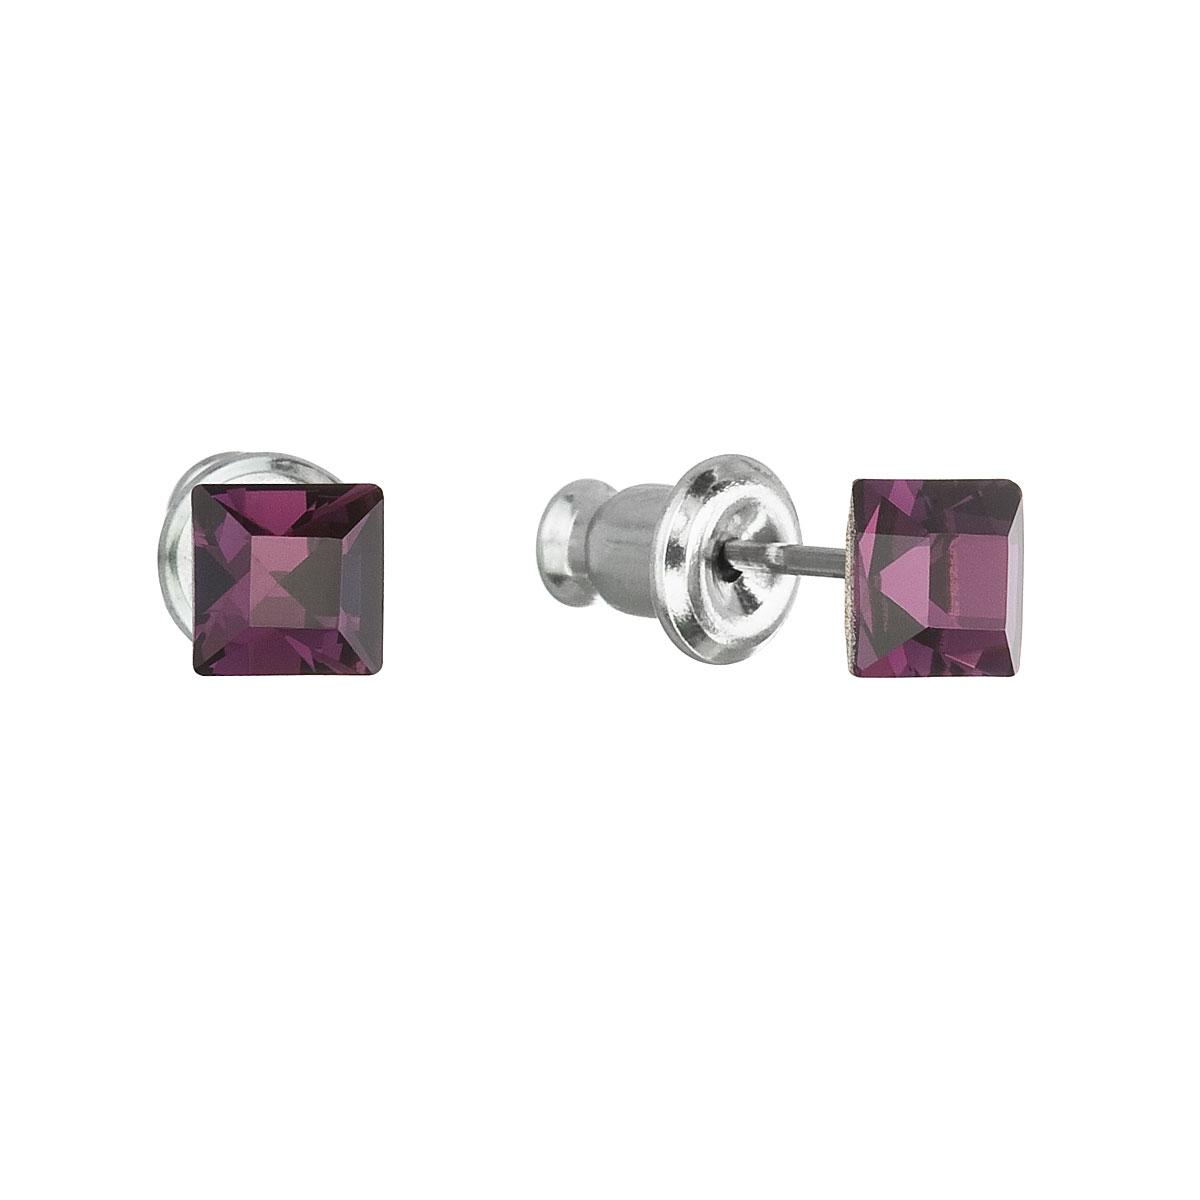 Evolution Group Náušnice se Swarovski krystaly fialová čtverec 51052.3 amethyst